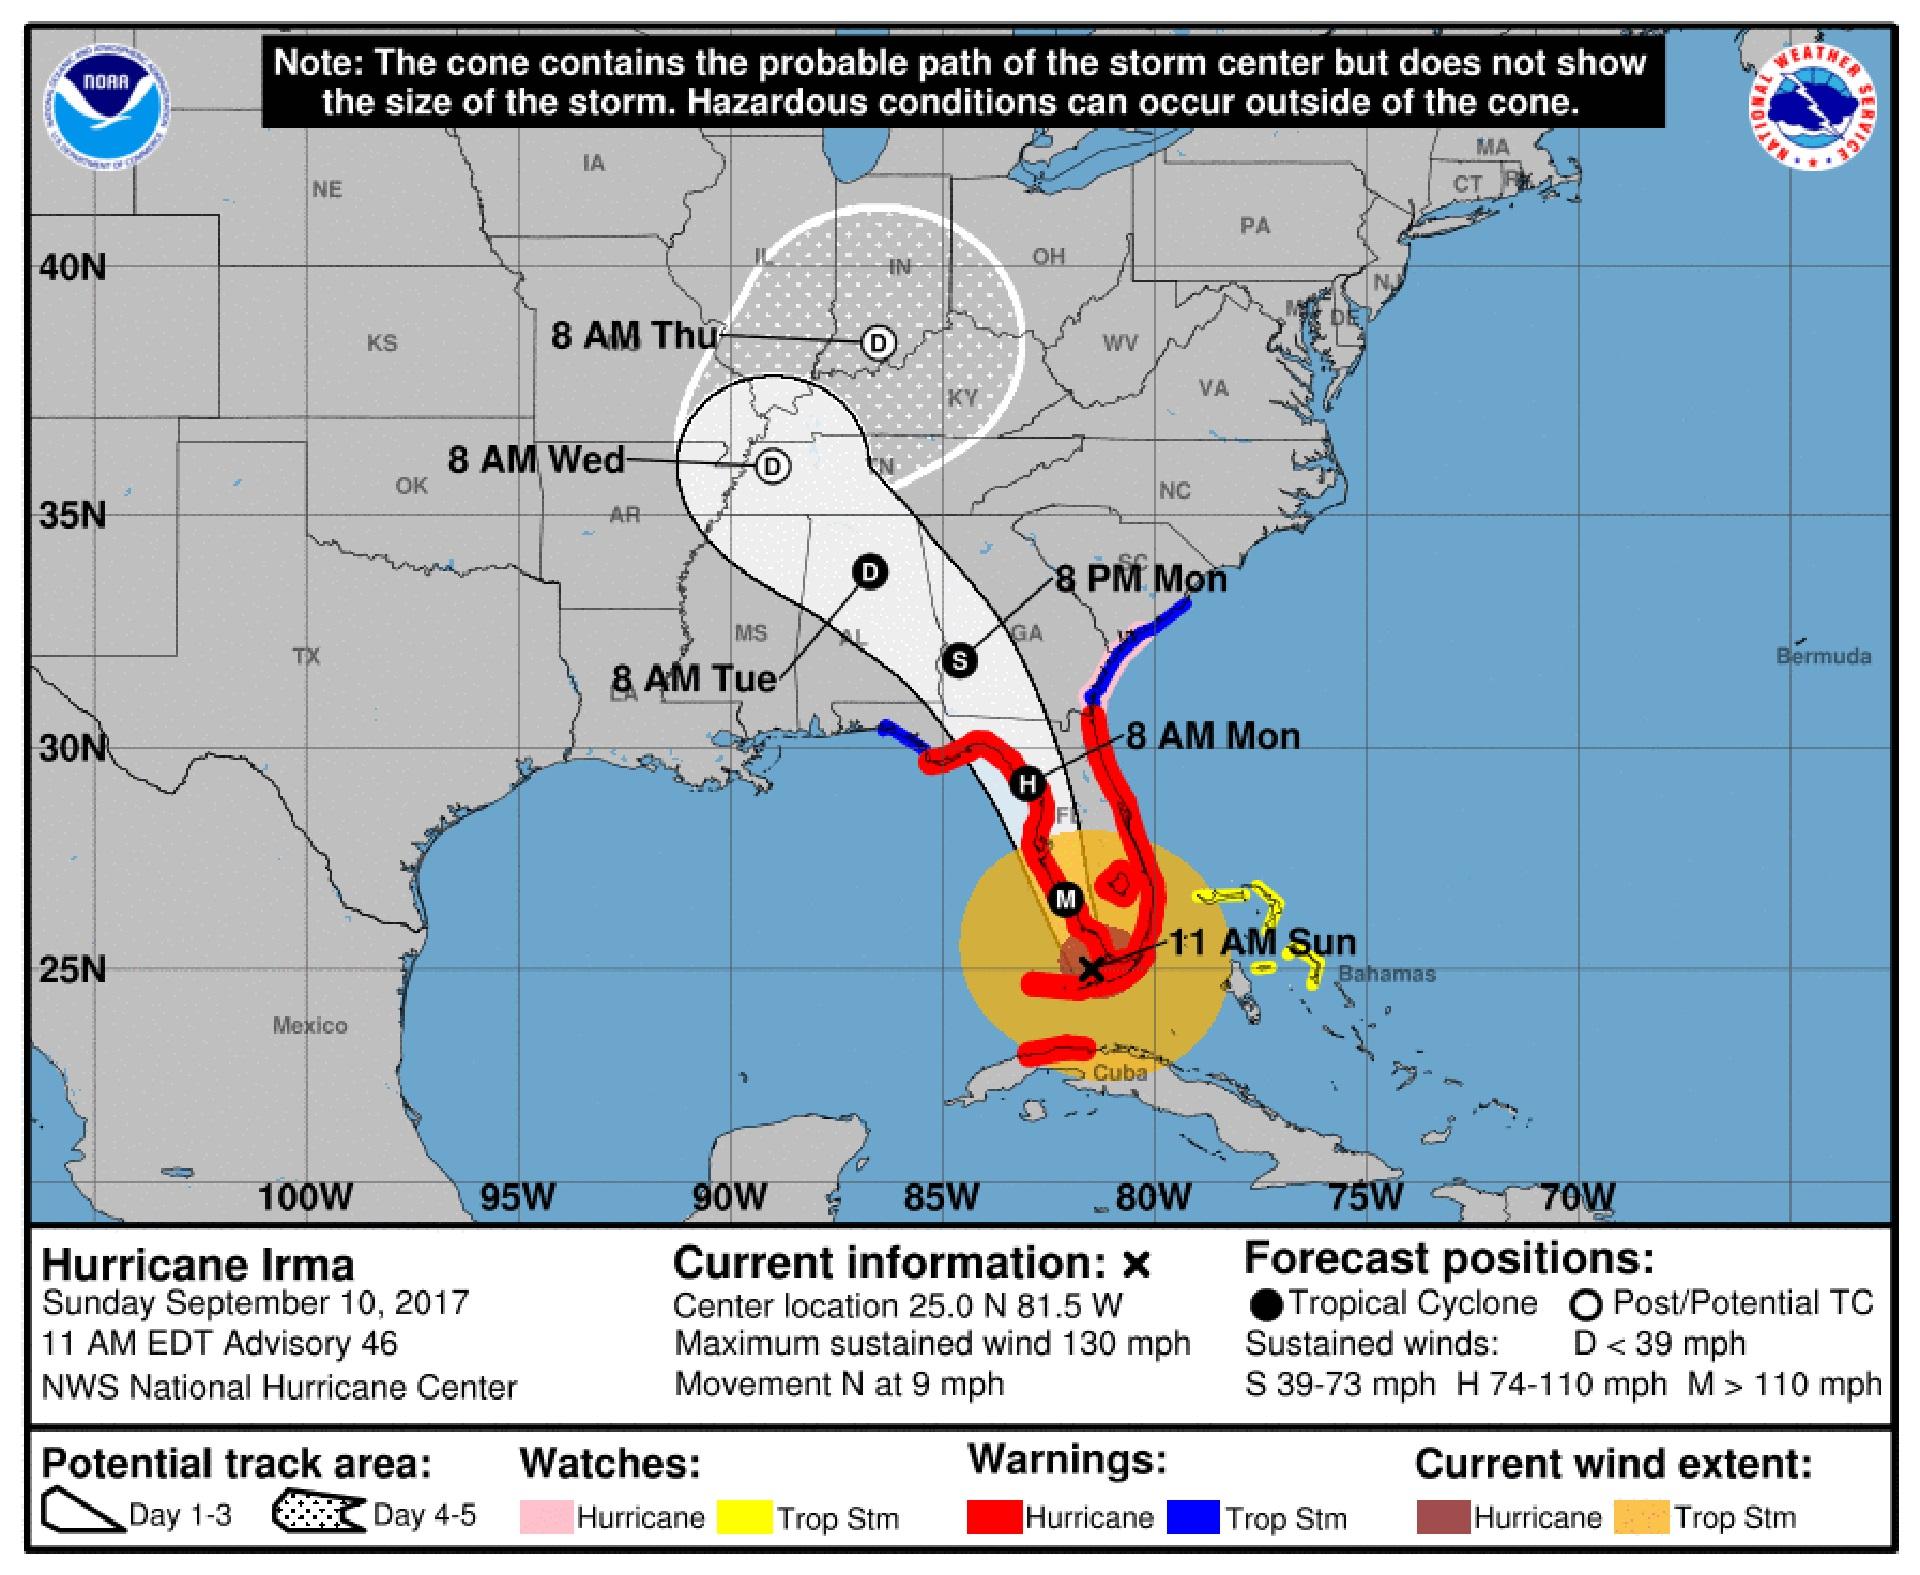 Pronóstico del Huracán Irma. Boletín del NHC de las 11am – domingo 10 de septiembre